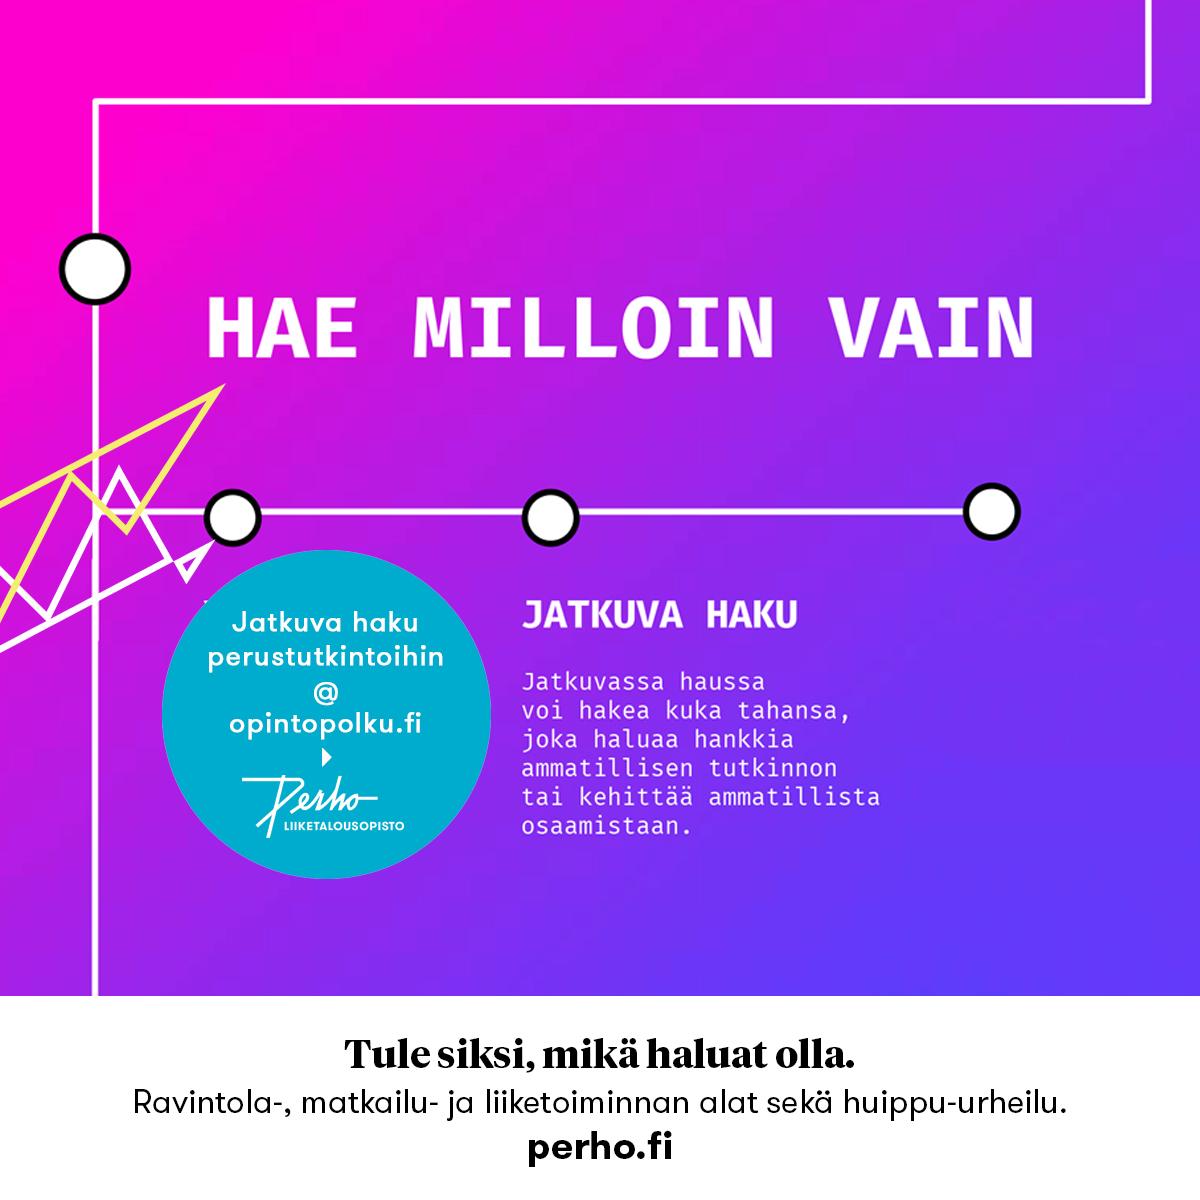 Jatkuva haku perustutkintoihin @ Opintopolku.fi